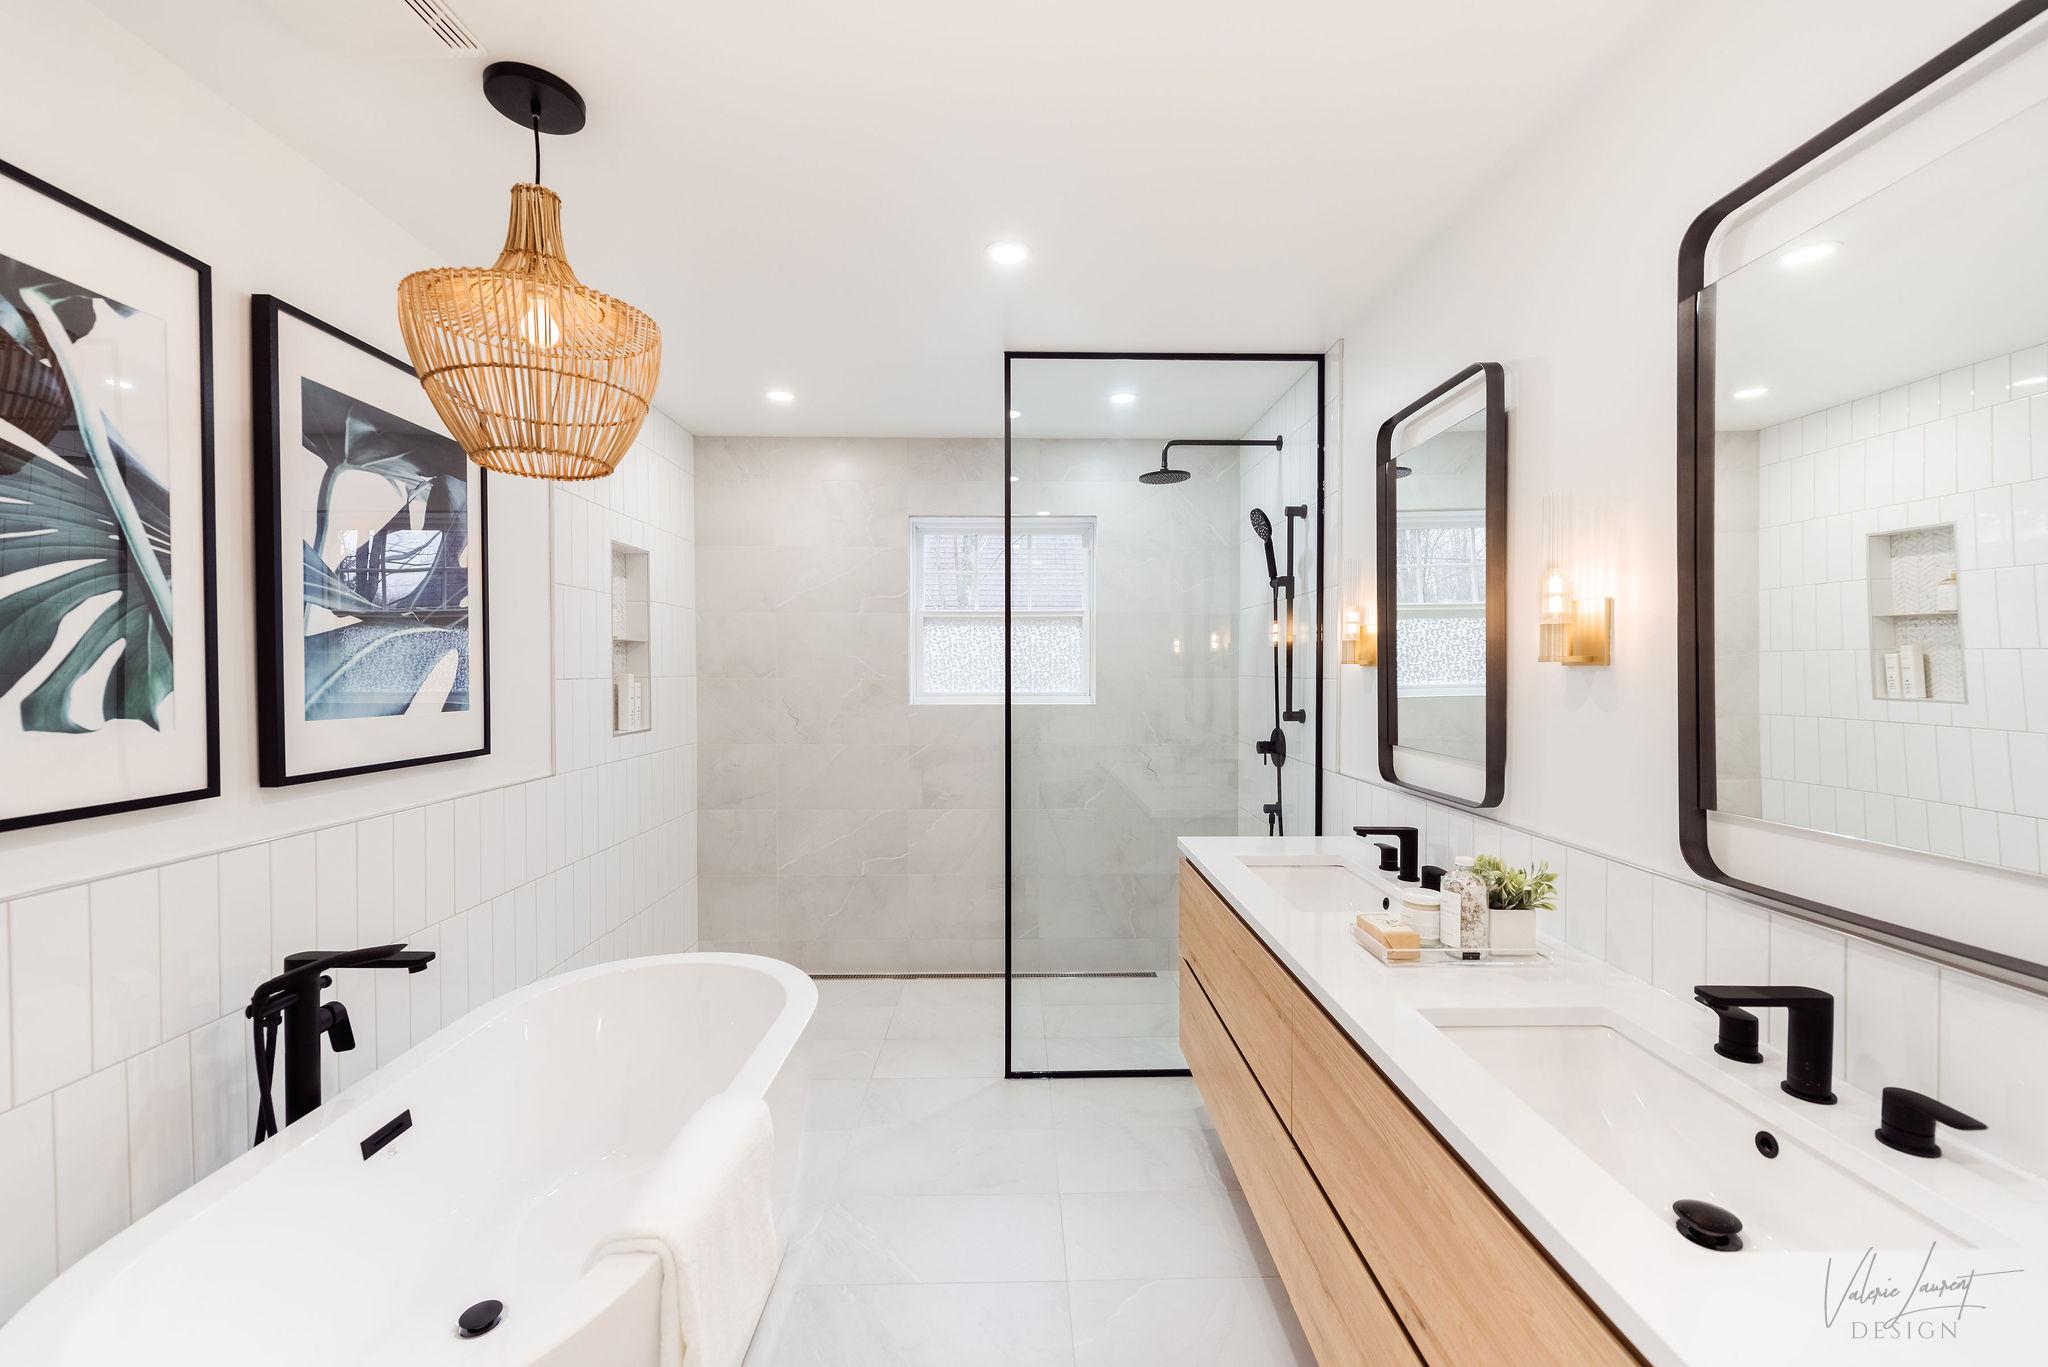 Valerie Laurent Design Salle de bain contemporaine